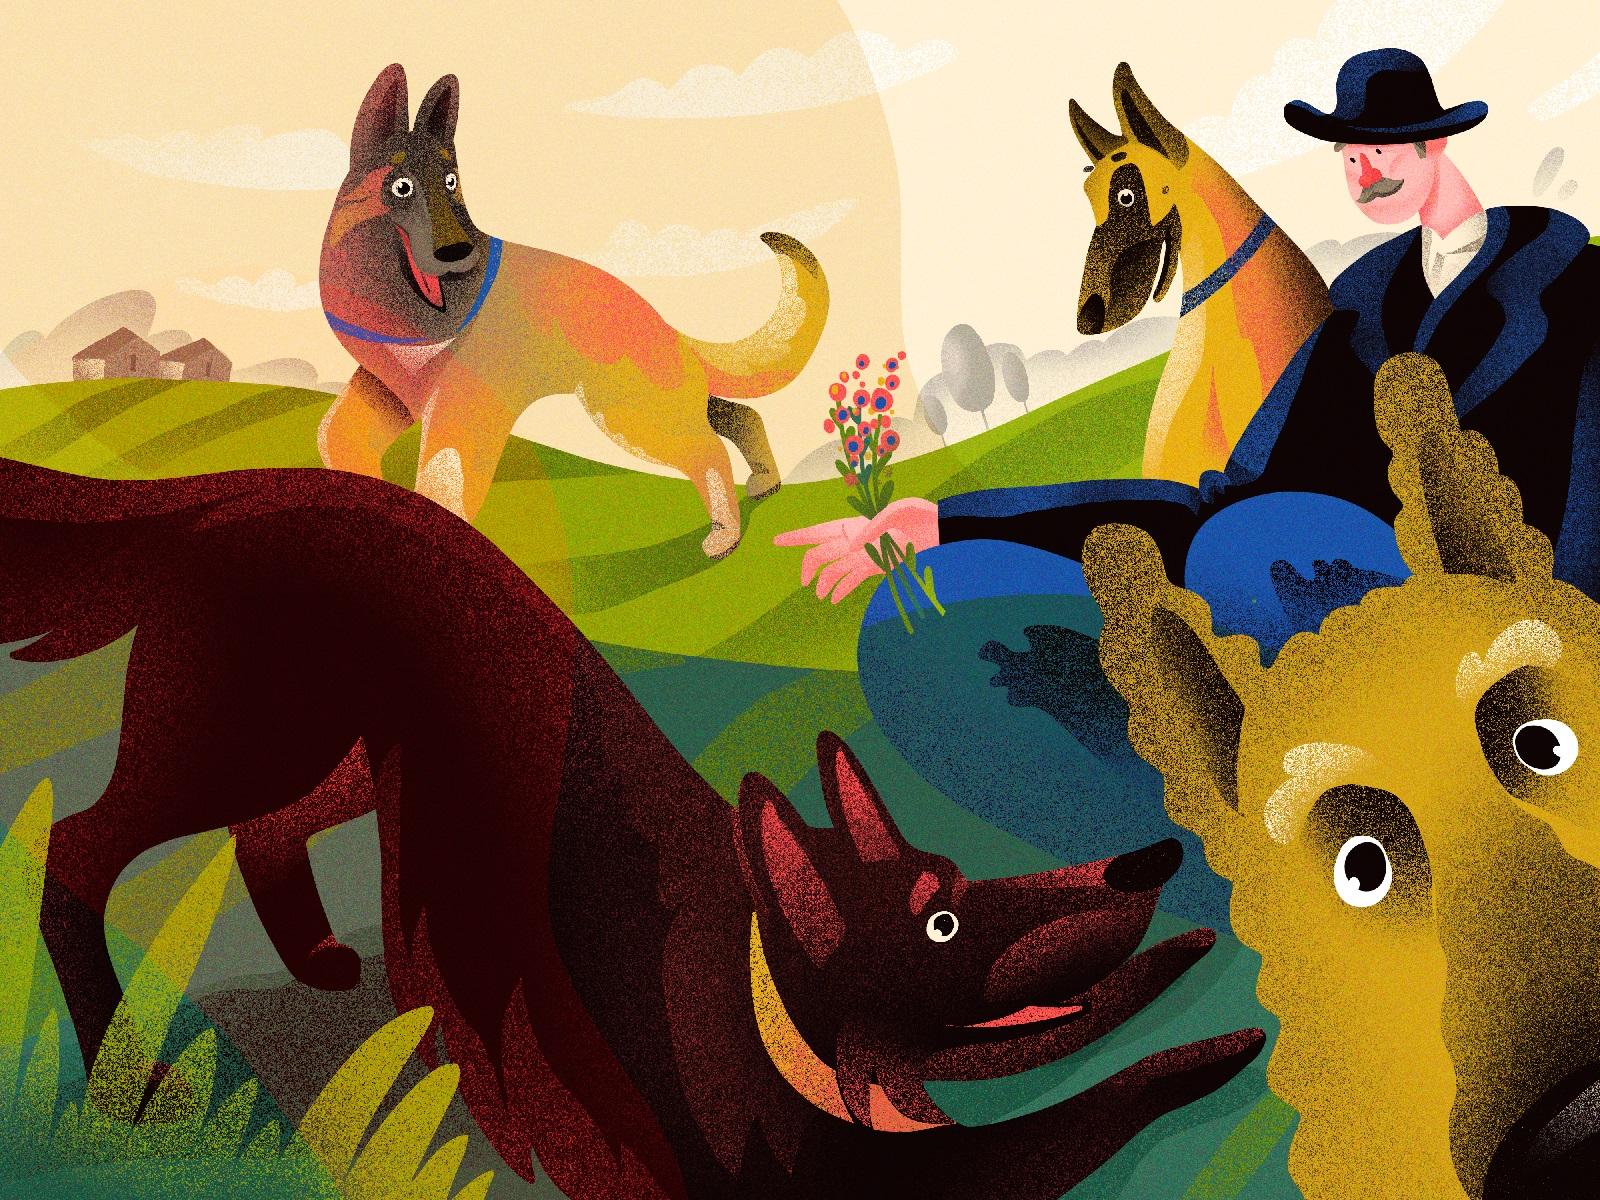 dogs belgian shepherd illustration